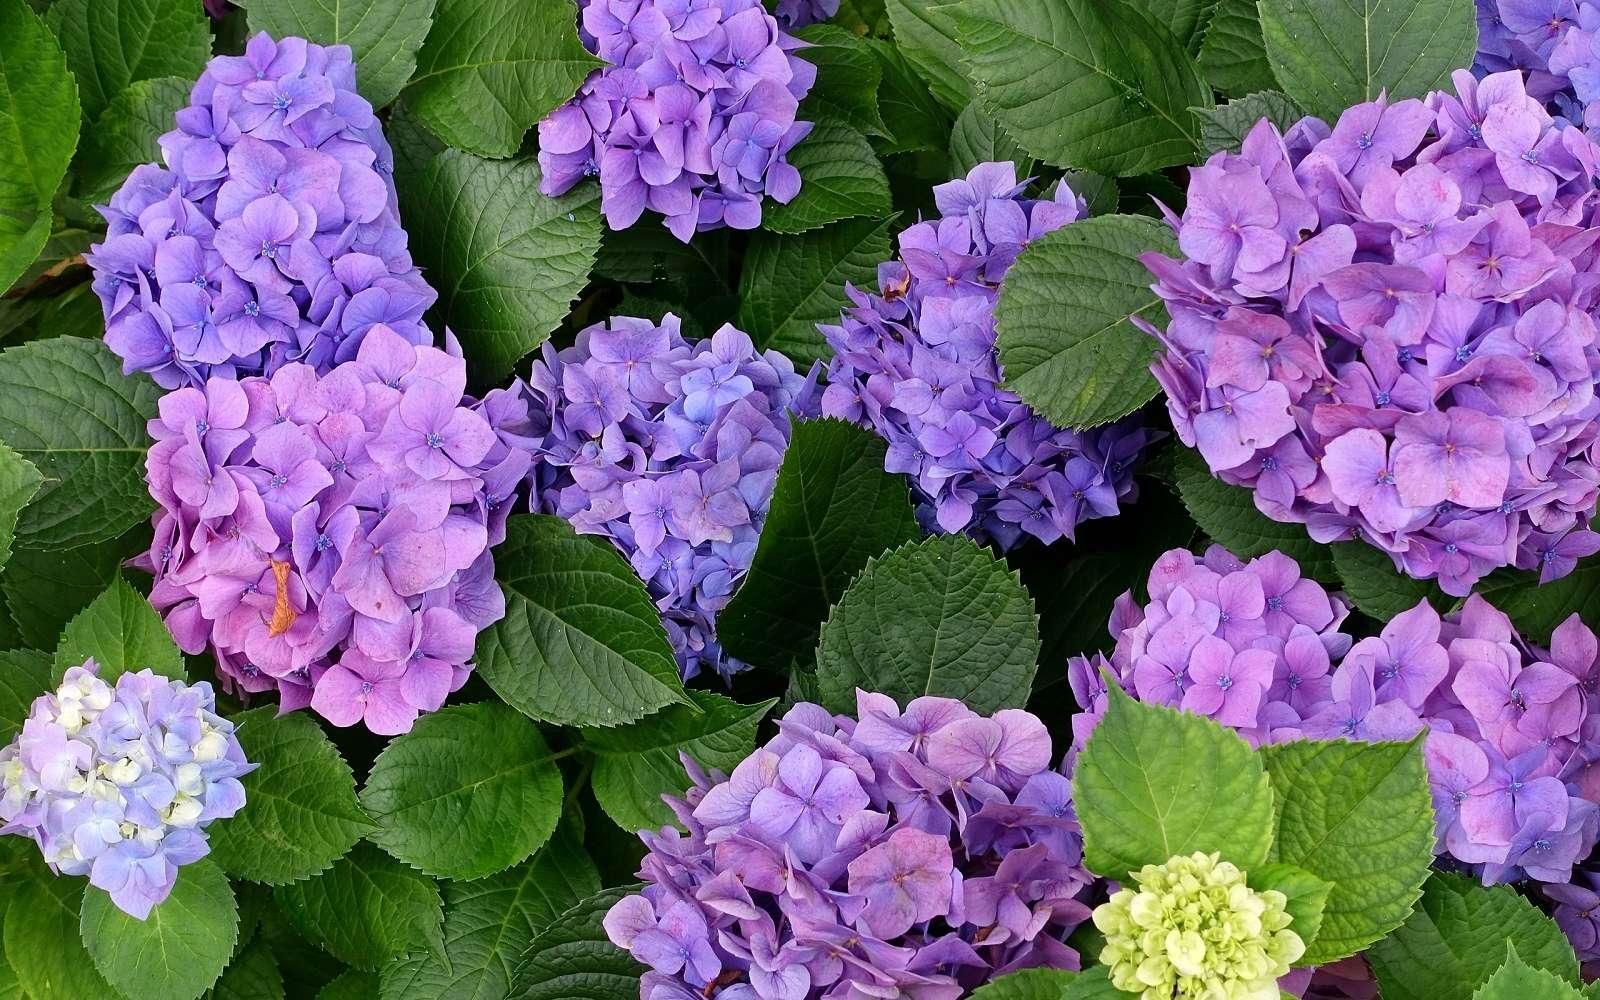 Une plantation d'hortensia réussie pour avoir une belle floraison. © Daderot, Domaine Public